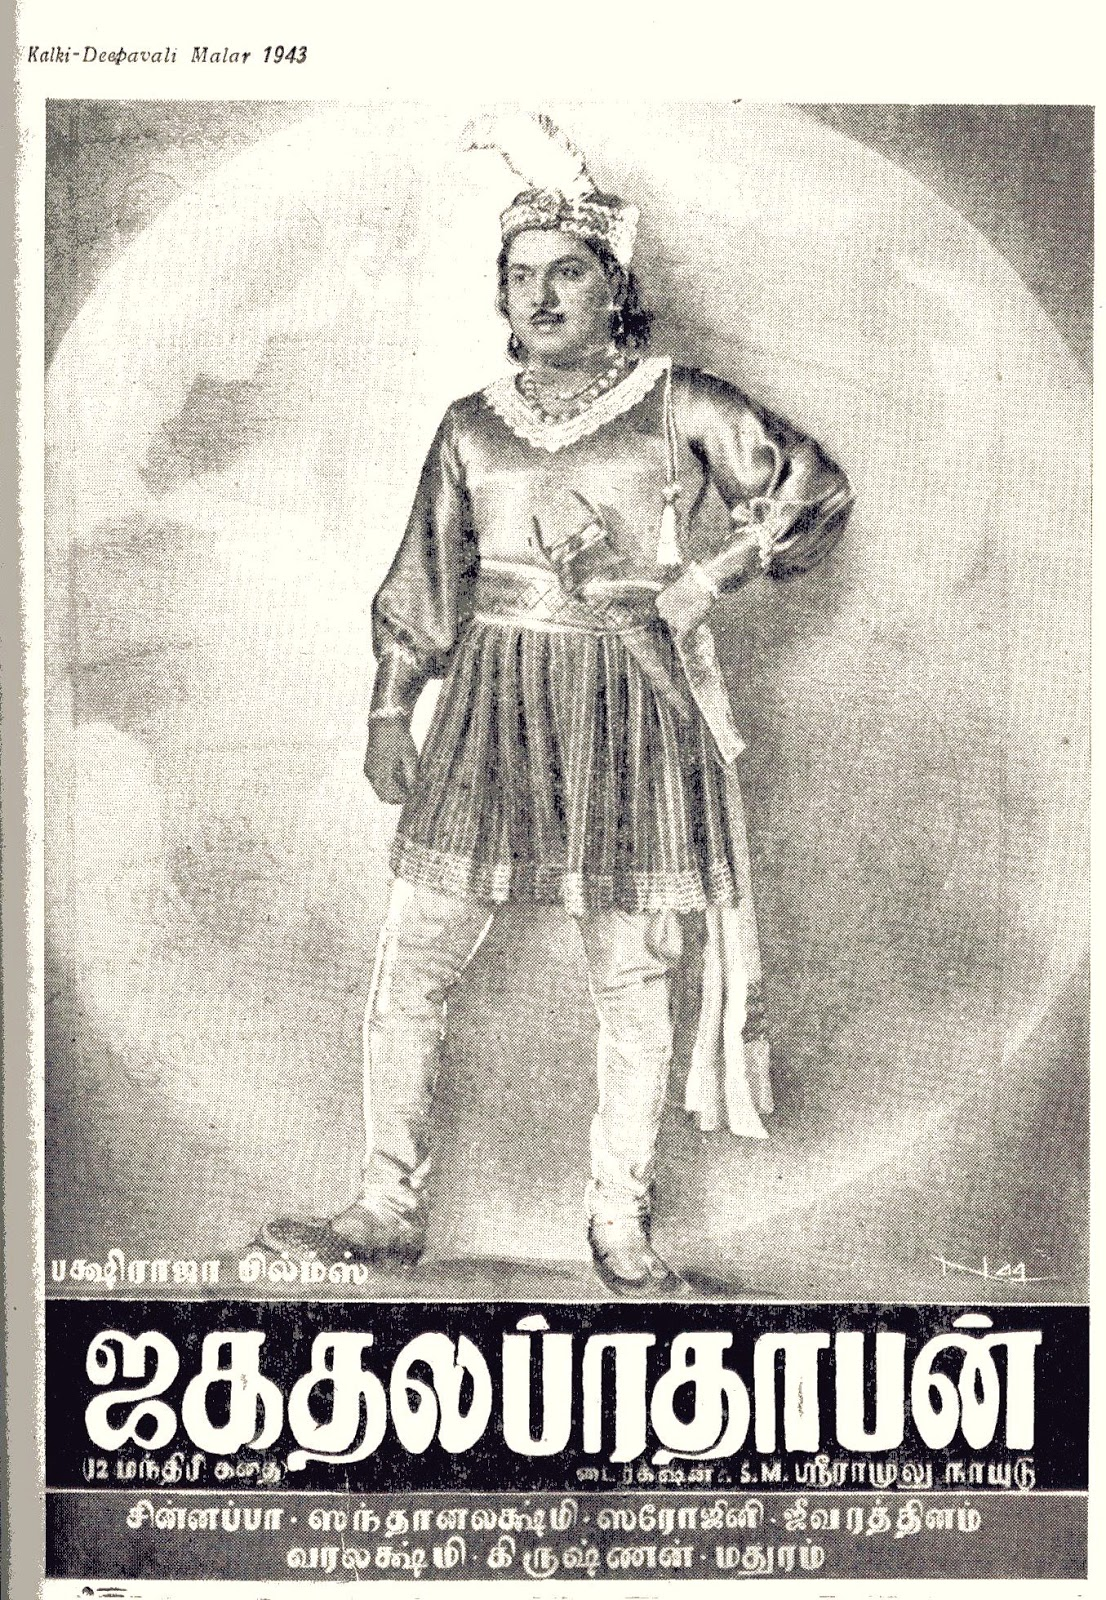 சினிமா நடிகர் பி.யு. சின்னப்பா மரணம் அடைந்த நாள்: 23-9-1951 Puc_jagathala